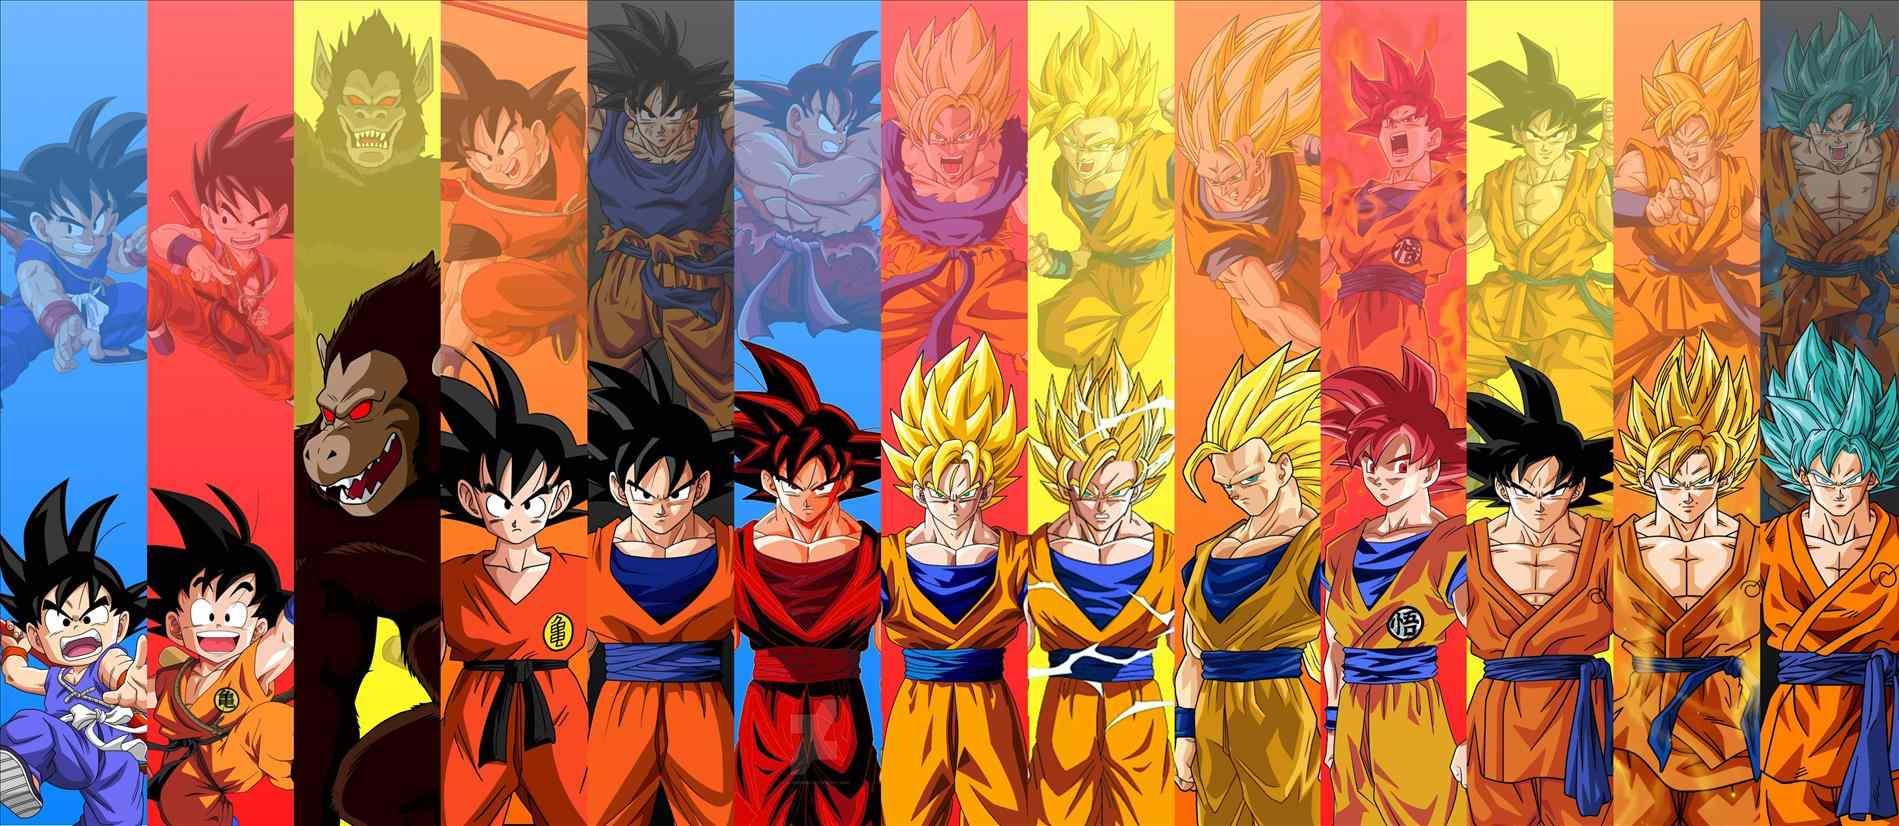 1600x2270 God Goku Wallpapers 60 Images Download 1171x683 Super Saiyan